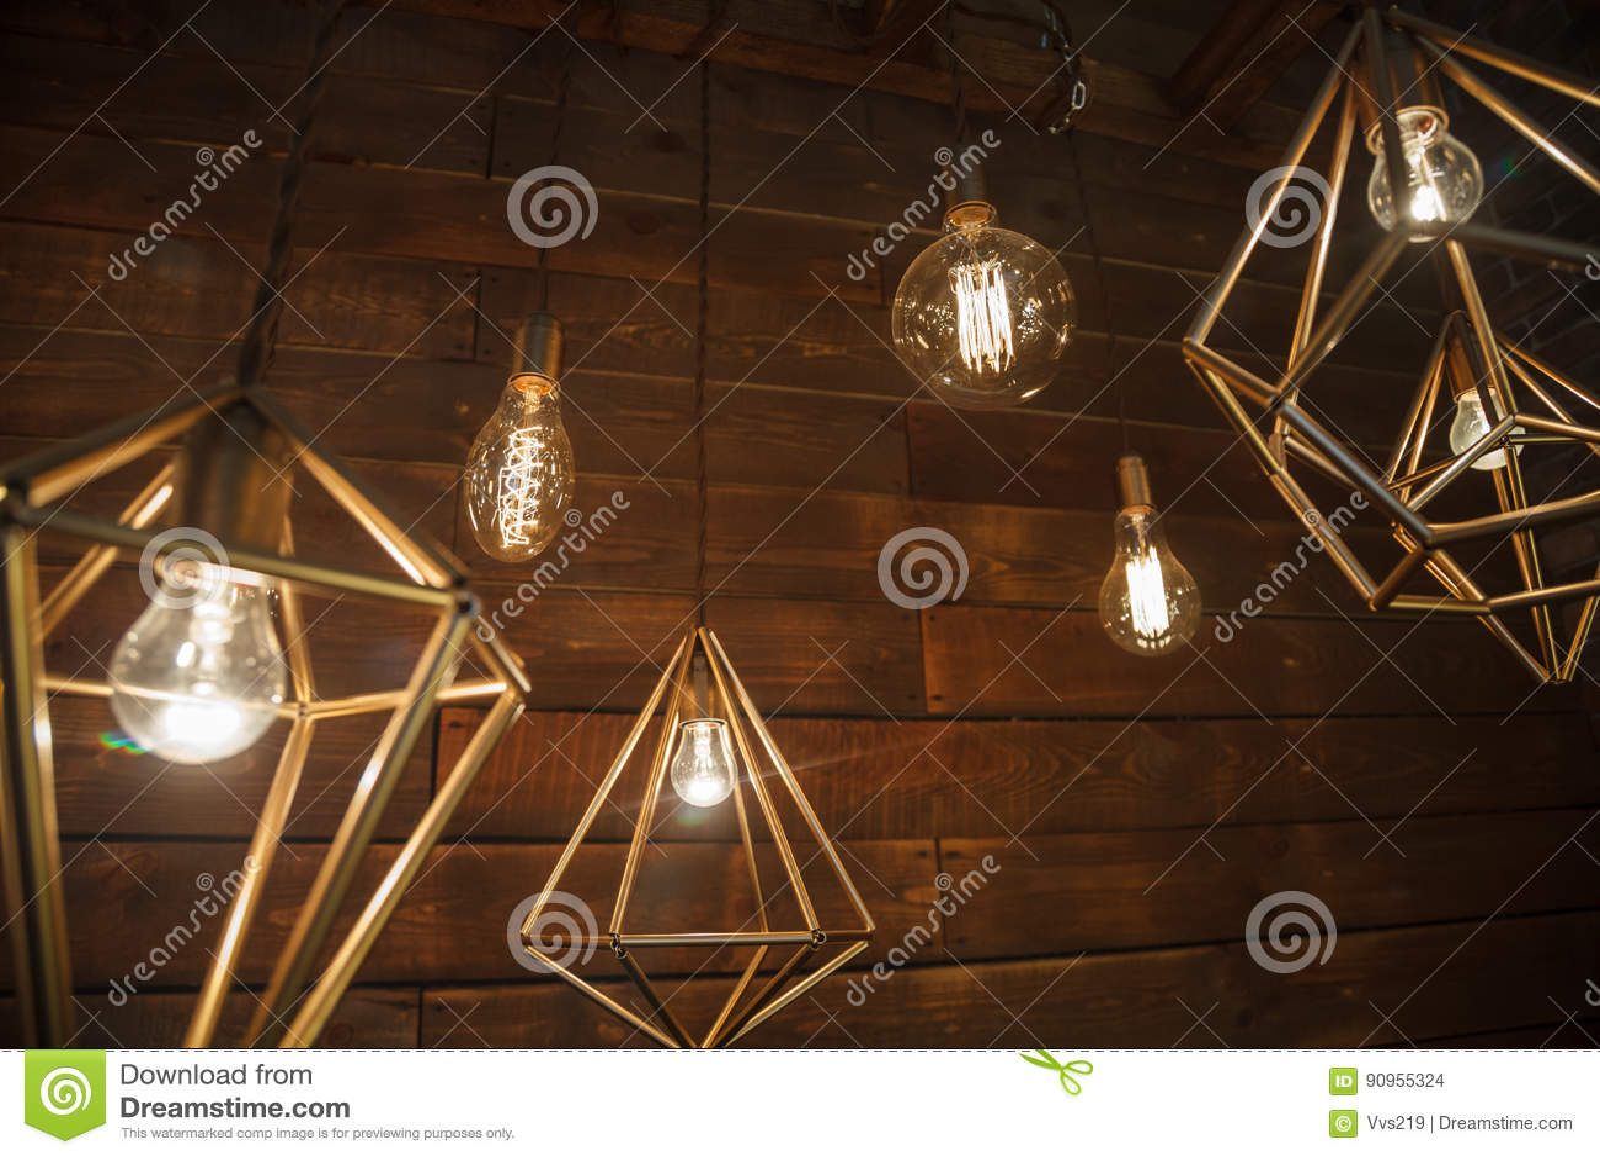 Moderne Lampen 90 : Weißglühende retro lampen in einer modernen art edison lampe